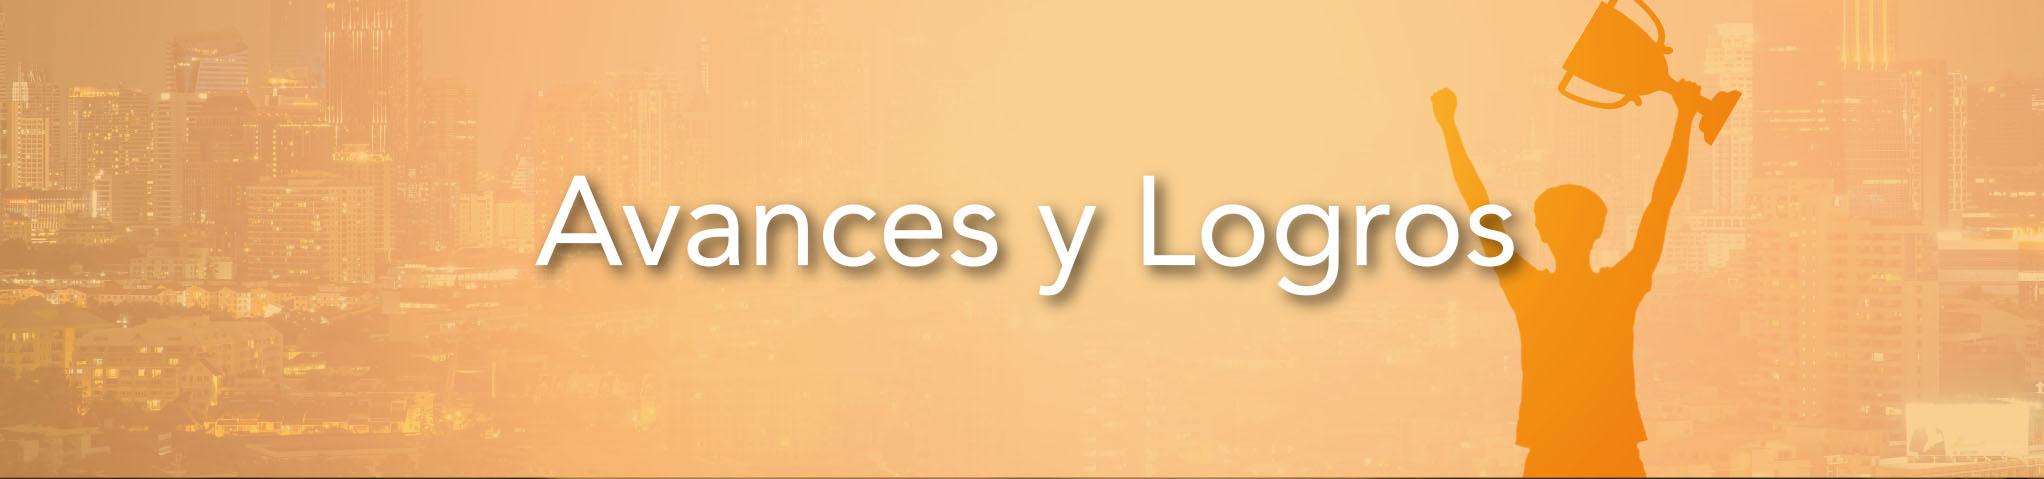 Avaces y Logros